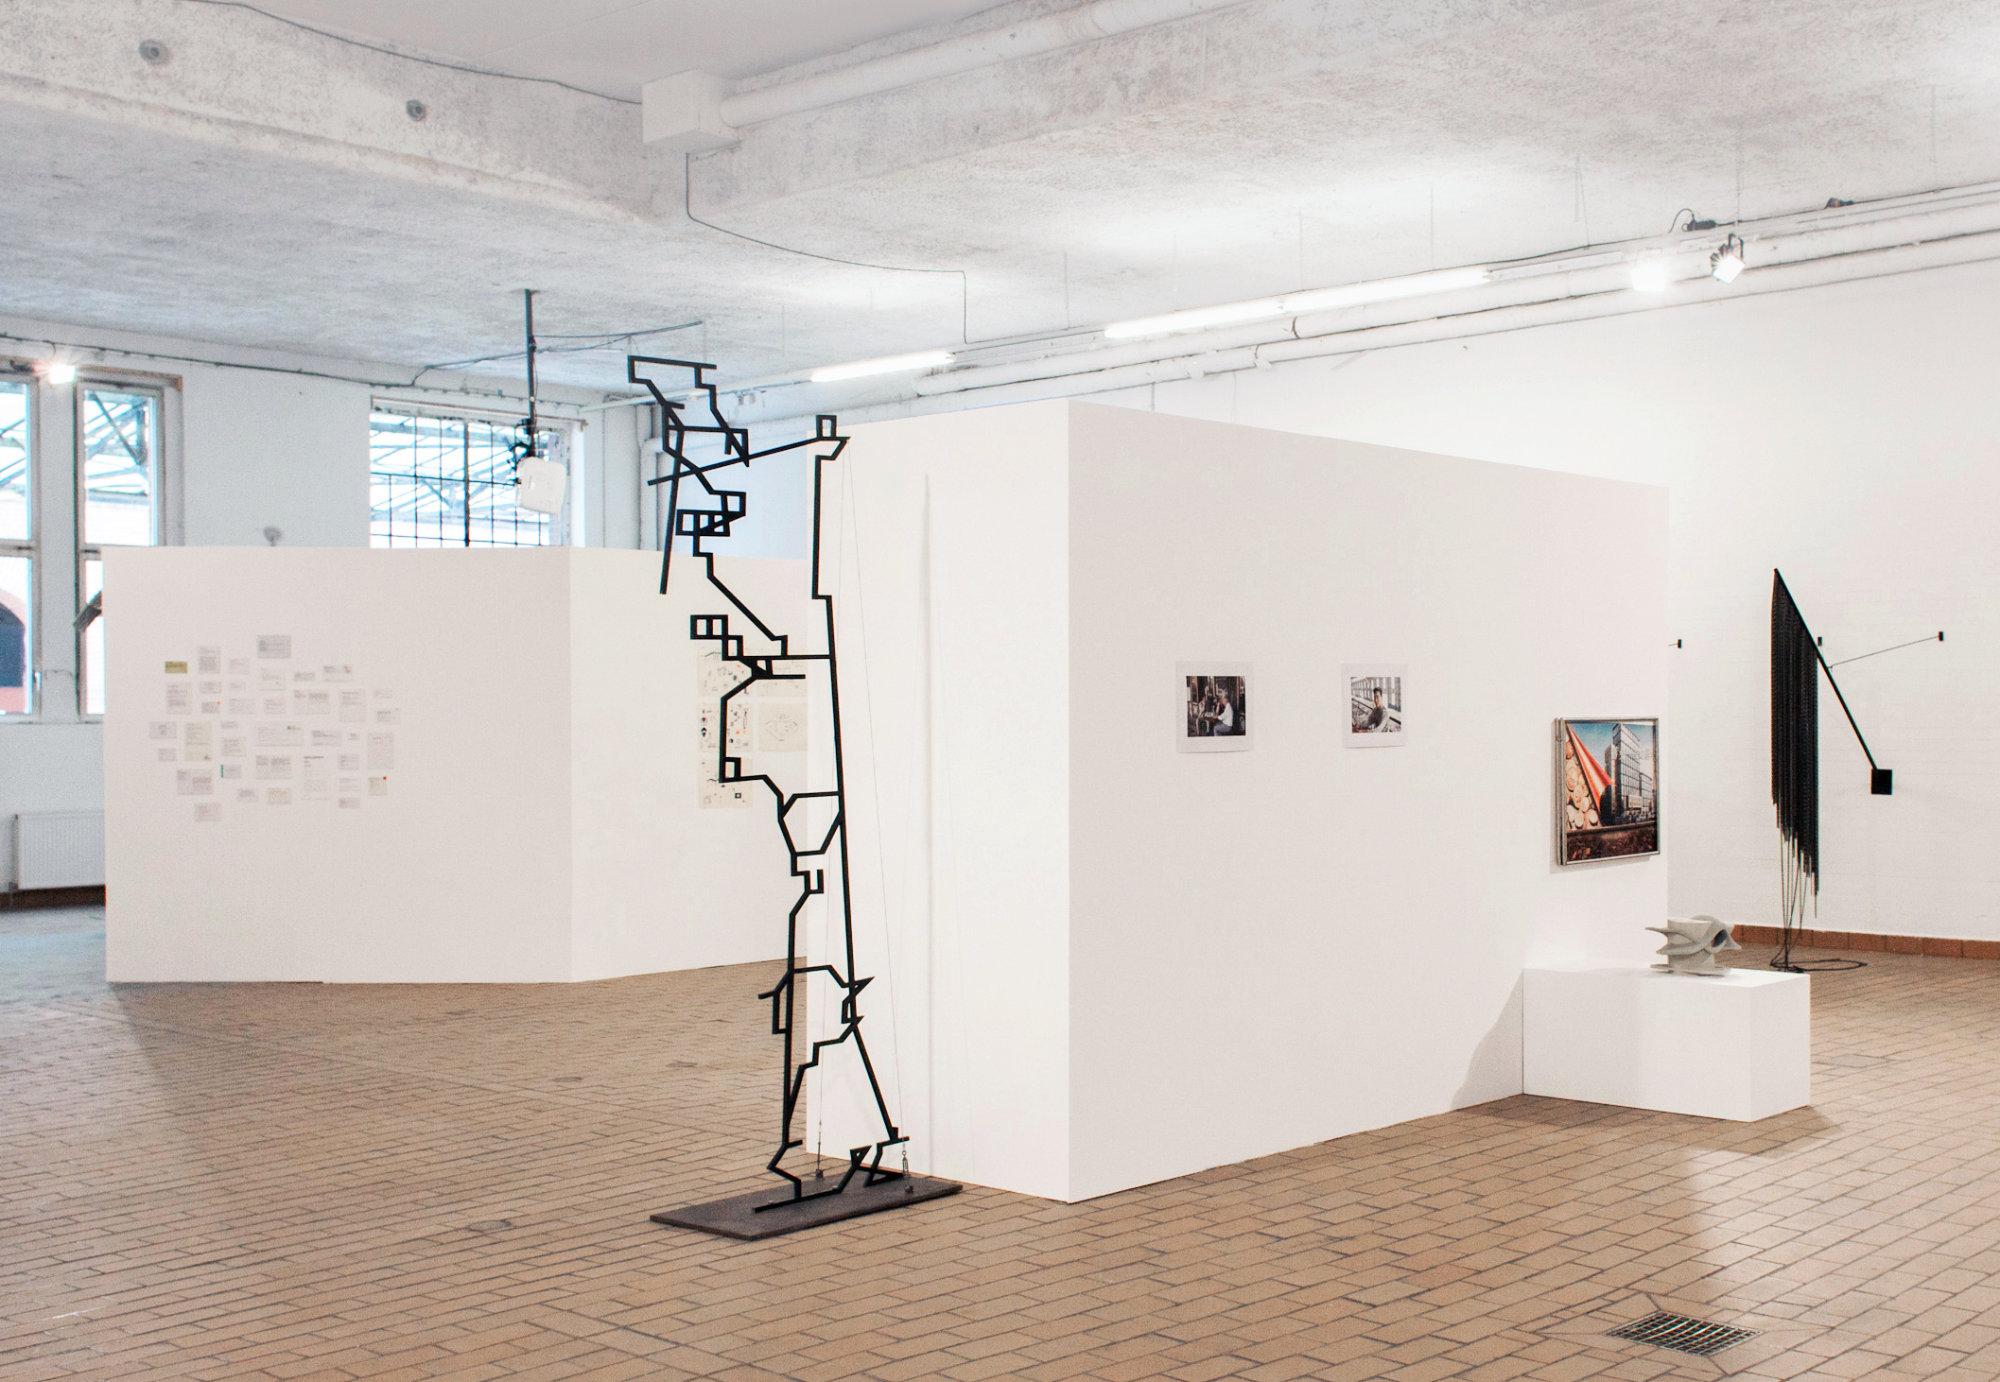 <p>Ausstellungsansicht (v.l.n.r.): Maria Anwander, Dan Stockholm, Valerie Stahl von Stromberg</p>